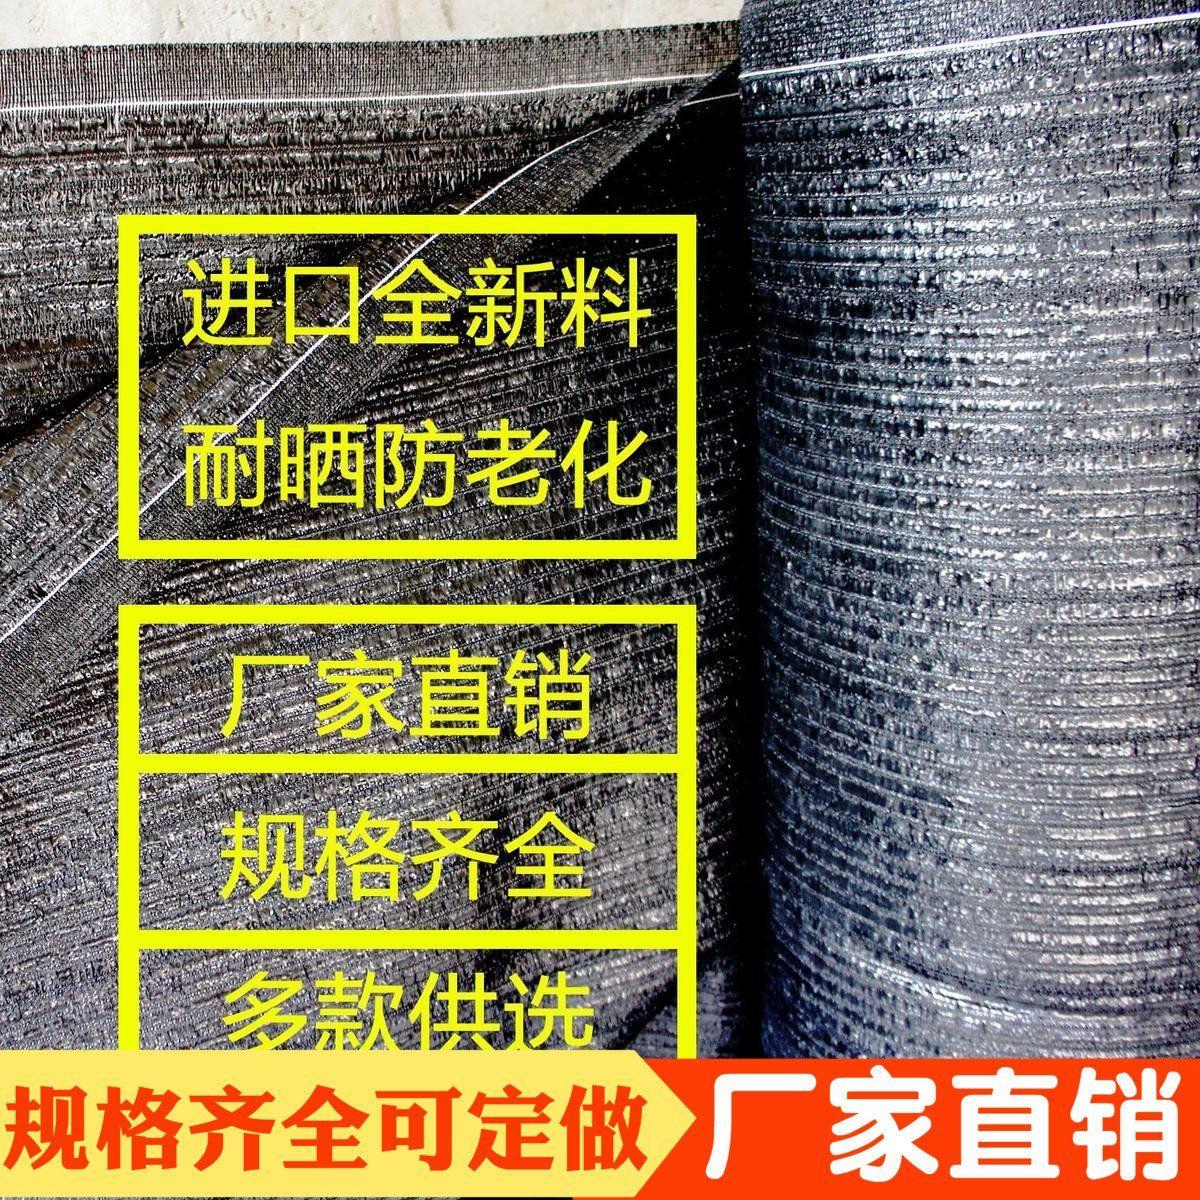 进口加密防老化大棚防晒网黑色遮阳网多肉植物遮阴网隔热防尘包邮